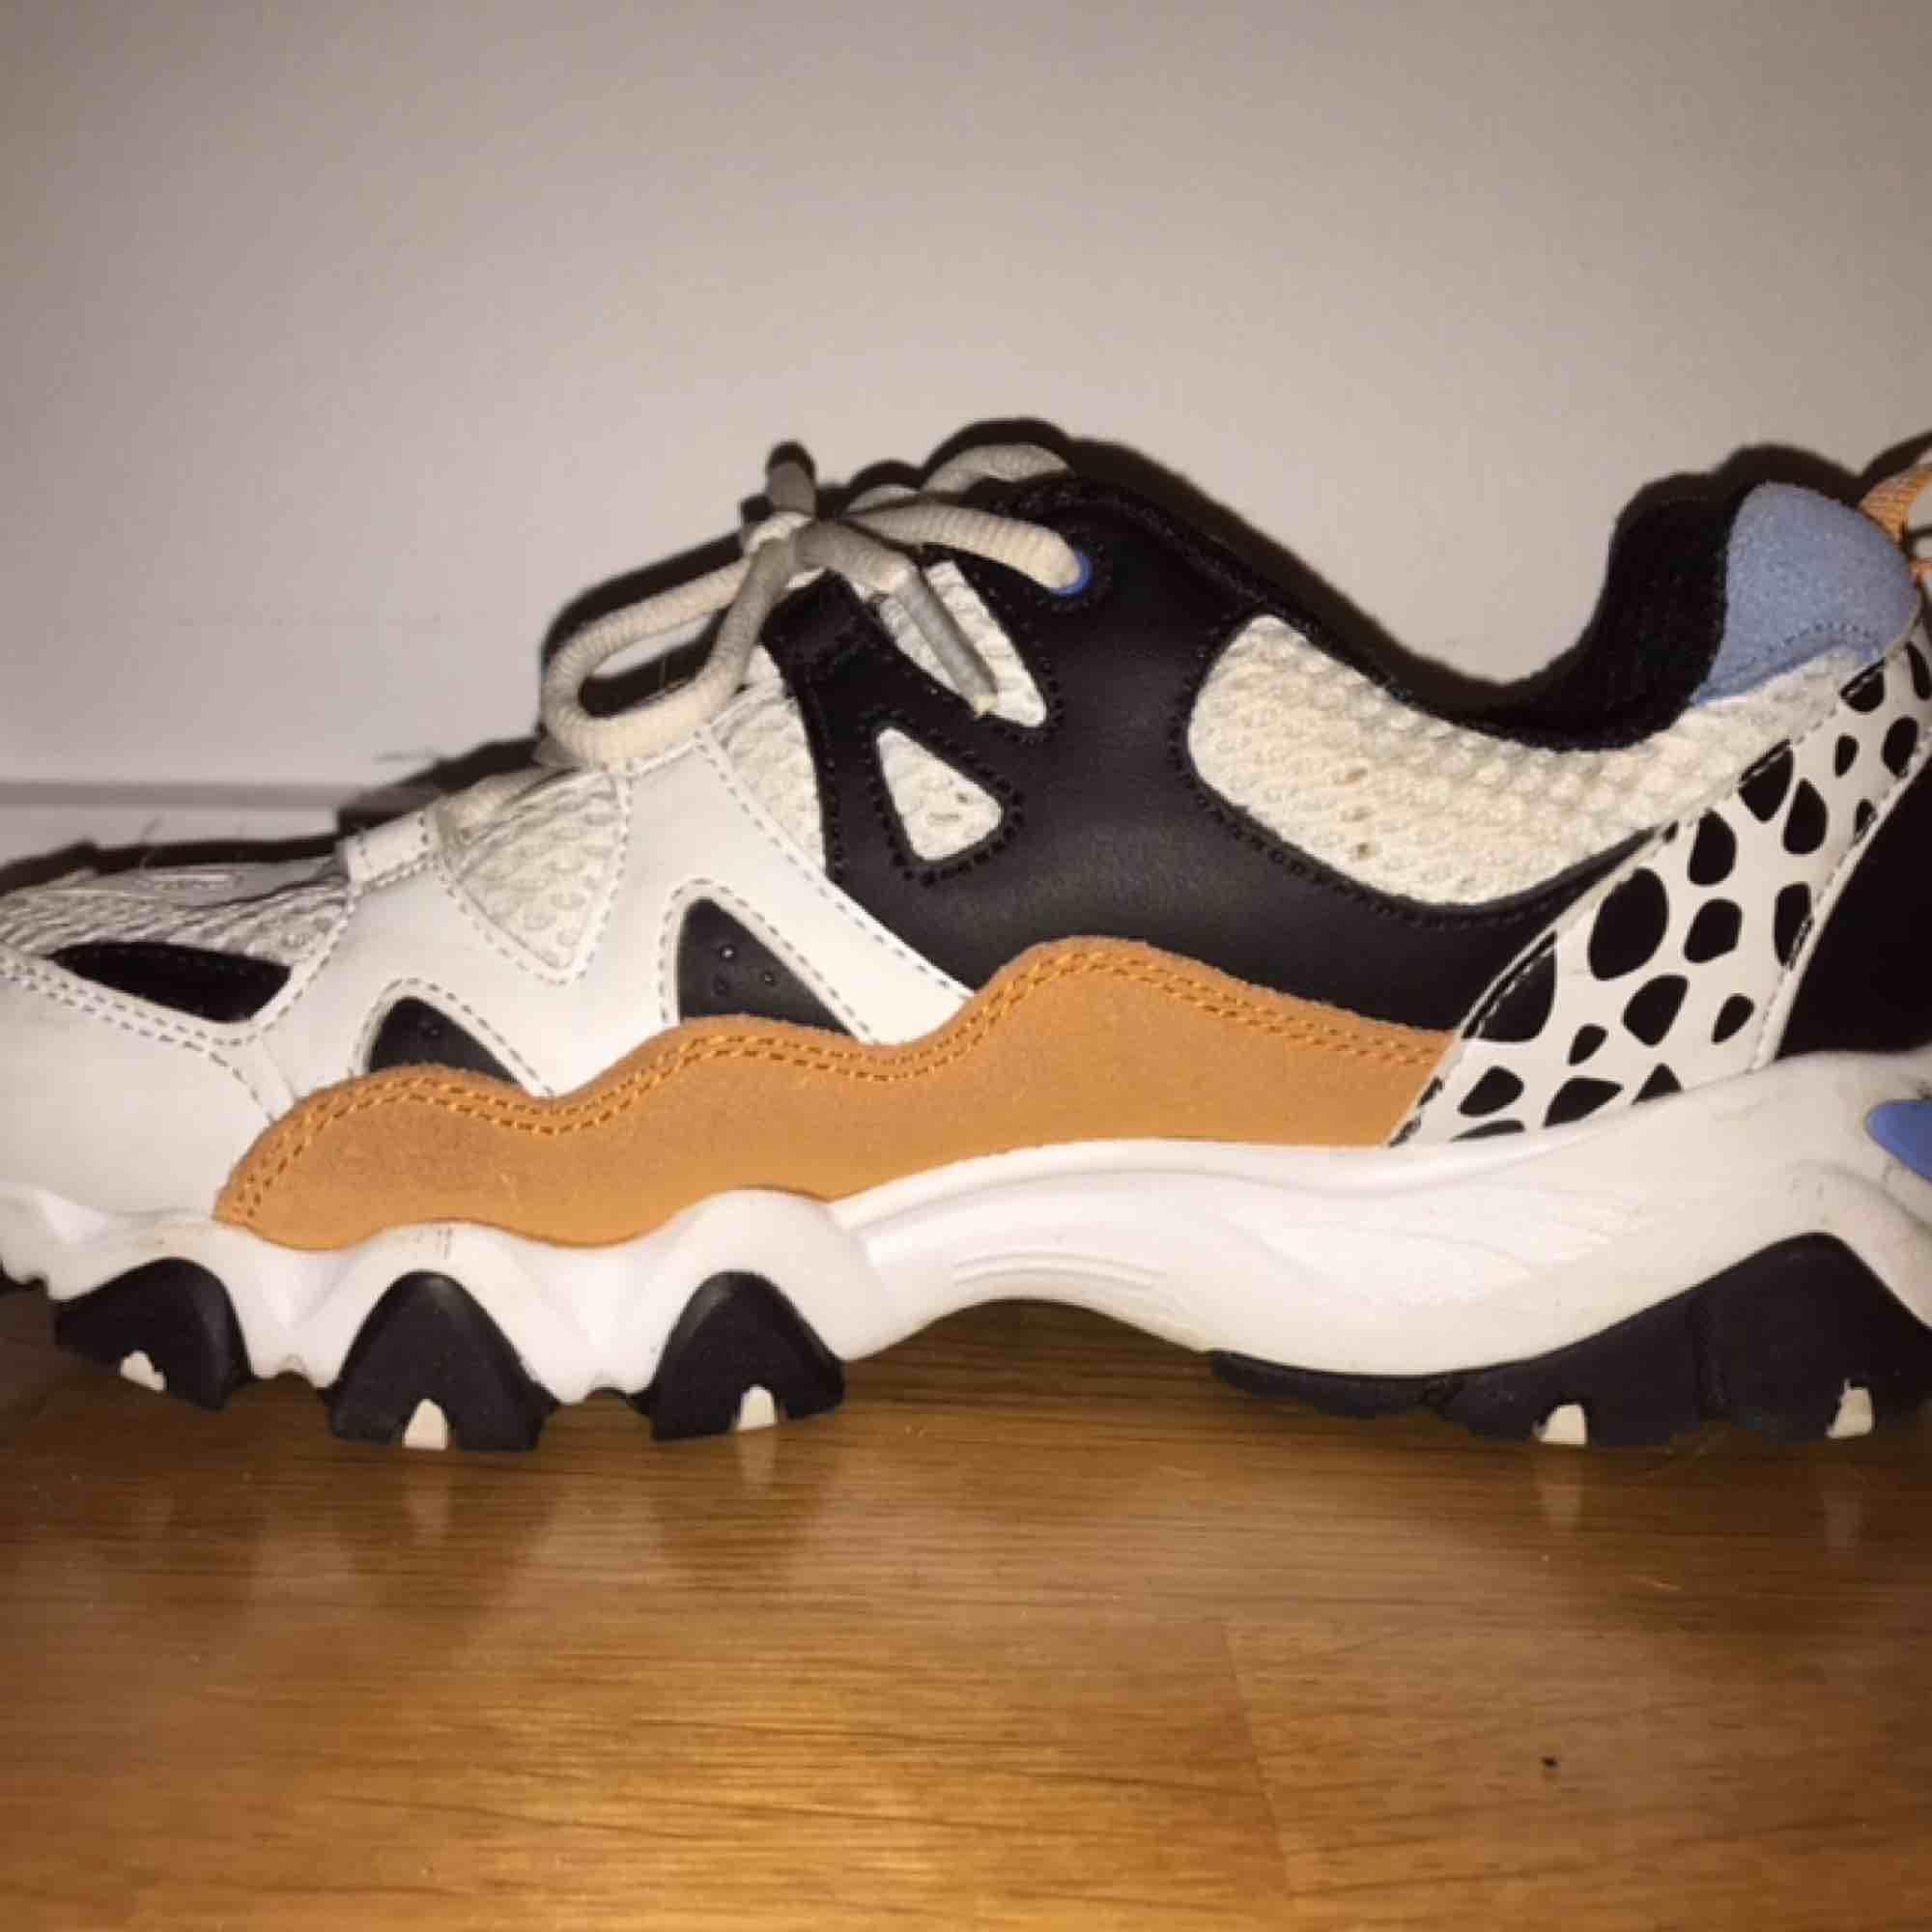 Supercoola chunky sneakers. Köpta i Gran Canaria. Är tyvärr för små, så nu säljer jag dom. Använda ett fåtal gånger och är inte helt vita längre men är fortfarande i bra skick😊 Ny pris 620kr. Skriv för fler bilder. Köpare står för frakt💕 . Skor.